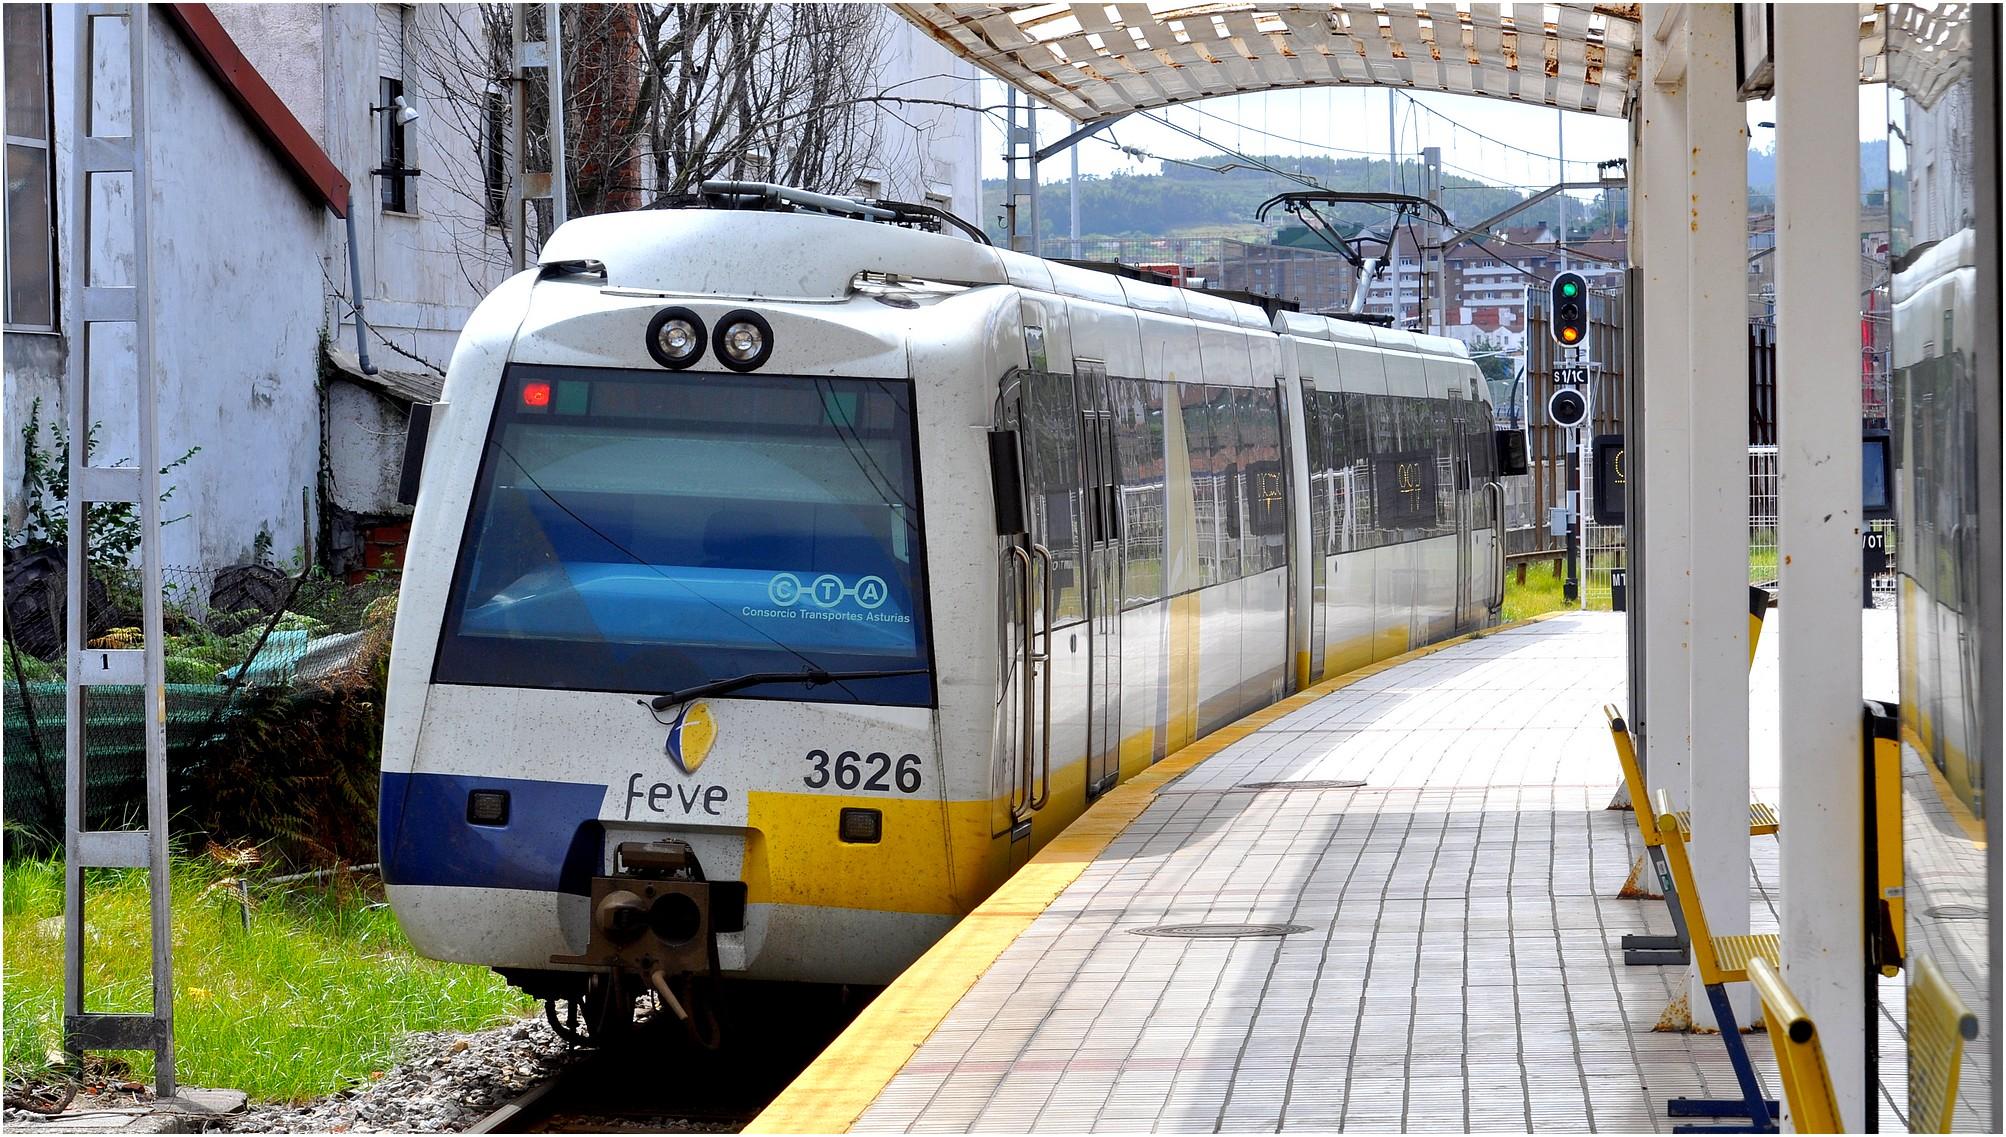 Voyage en Espagne - Train de la Feve en Asturies 8